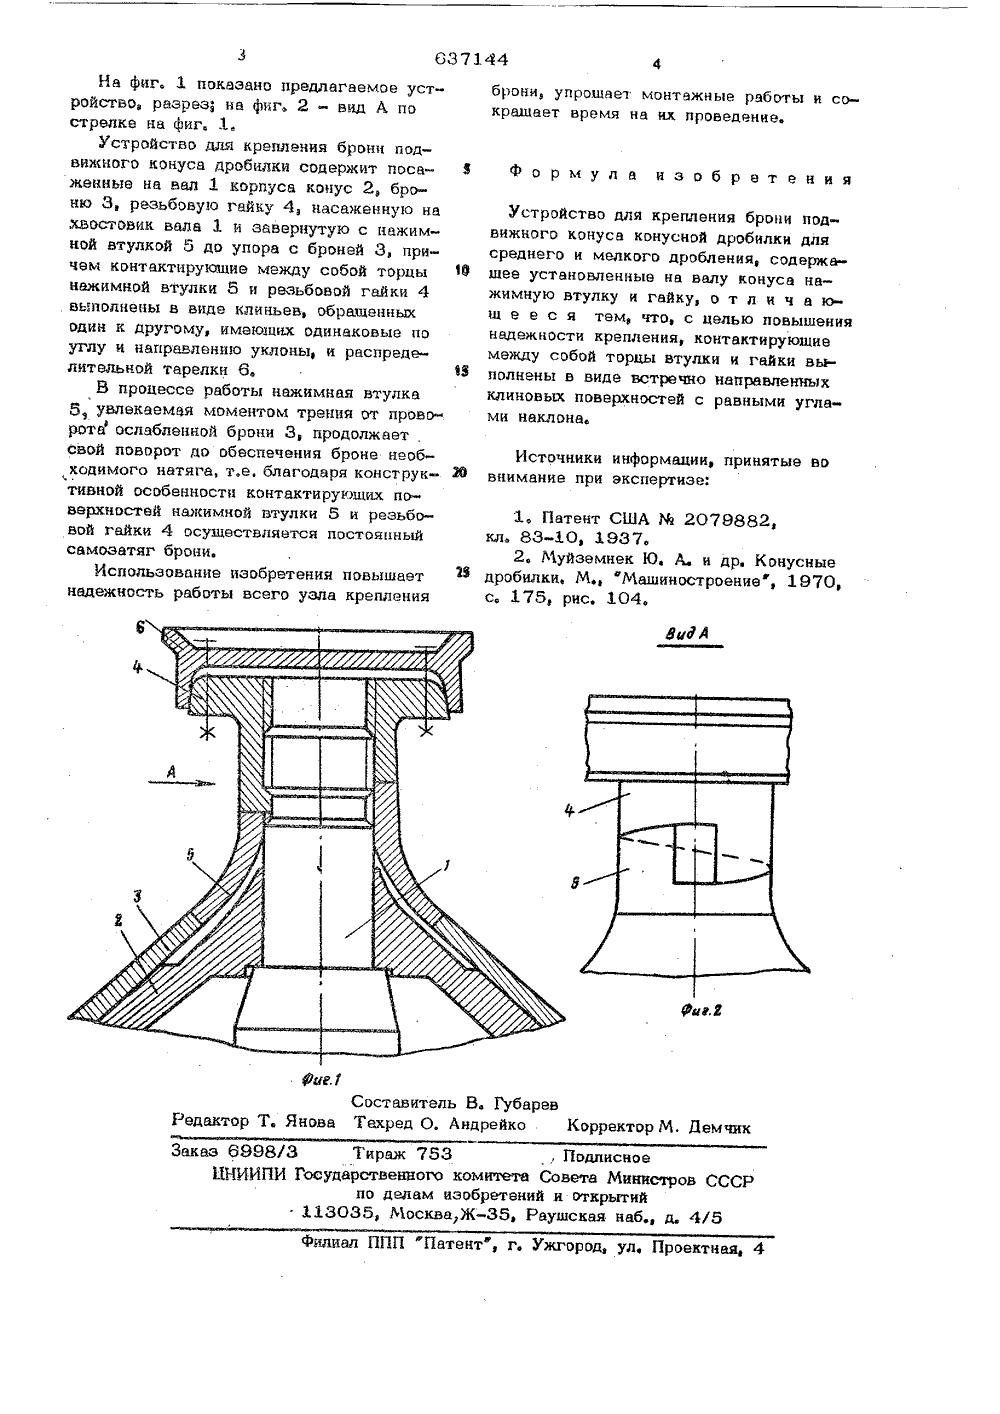 Броня конусной дробилки дробилка для кварц